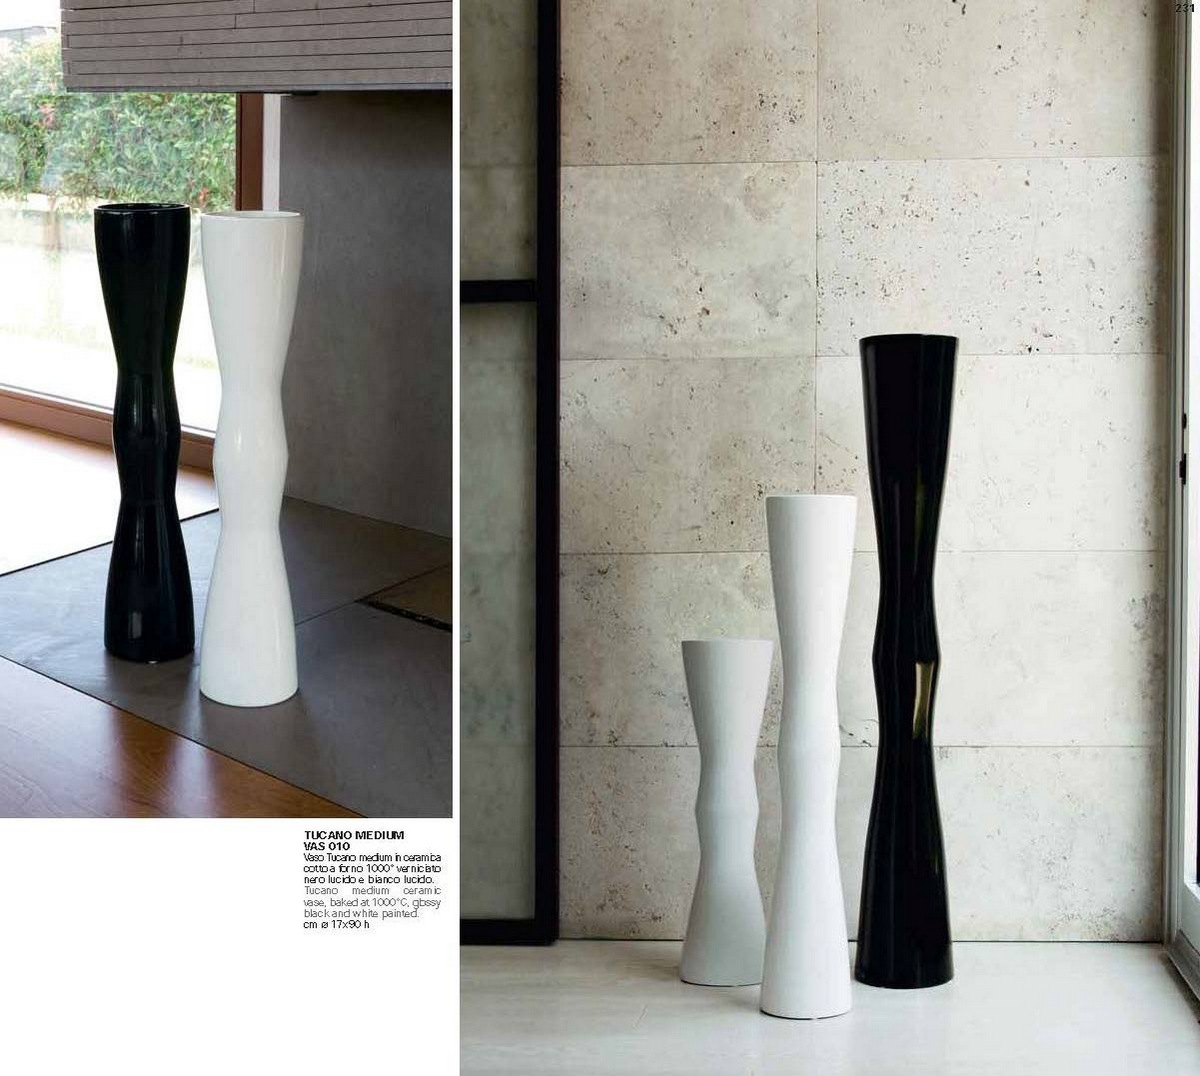 Vasi complementi d 39 arredo prodotti for Vasi decorativi da interno